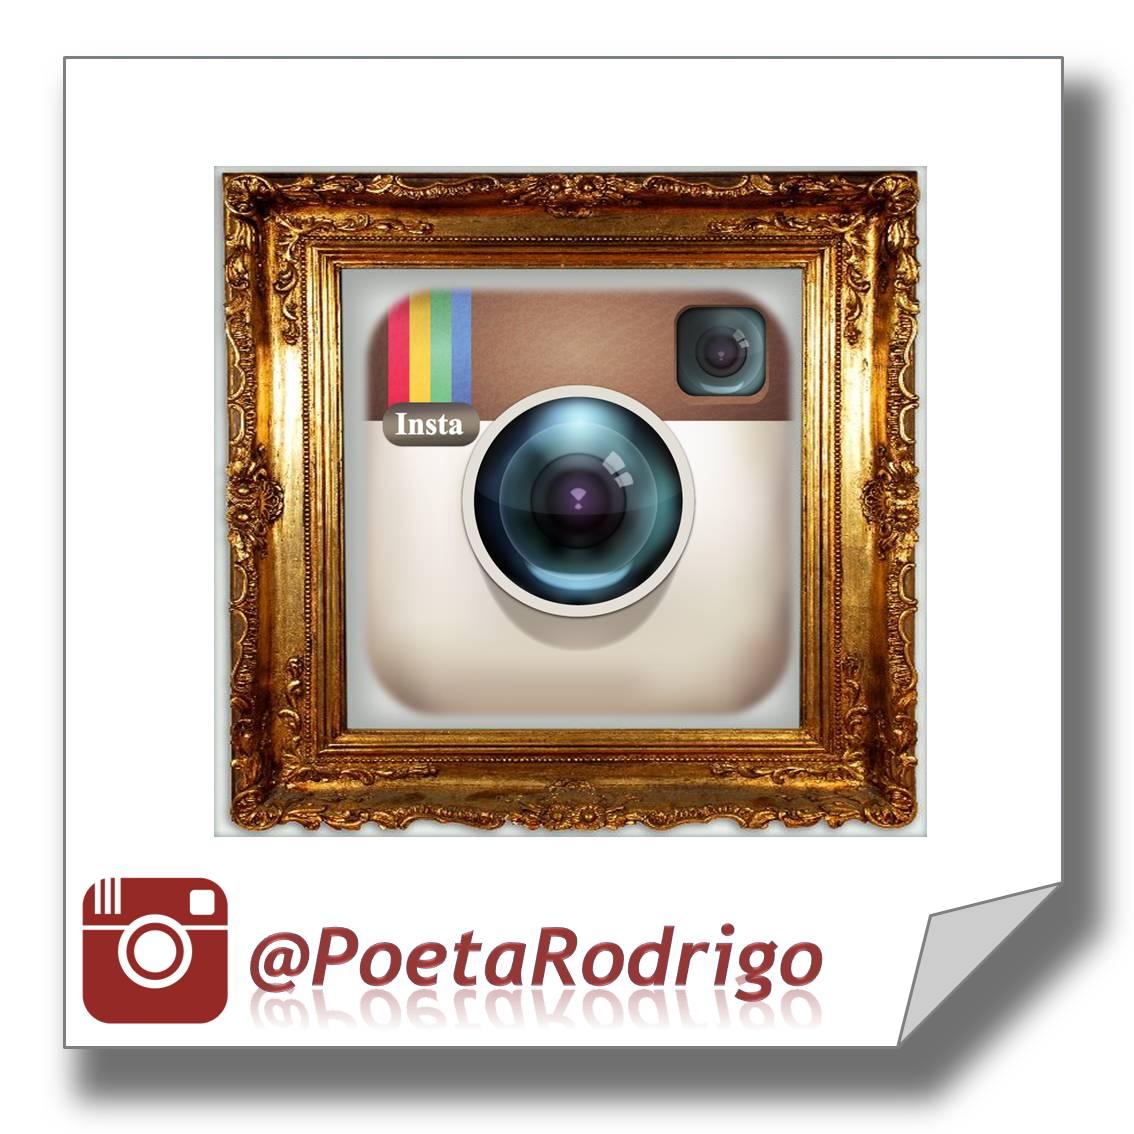 Visite minhas poesias no Instagram